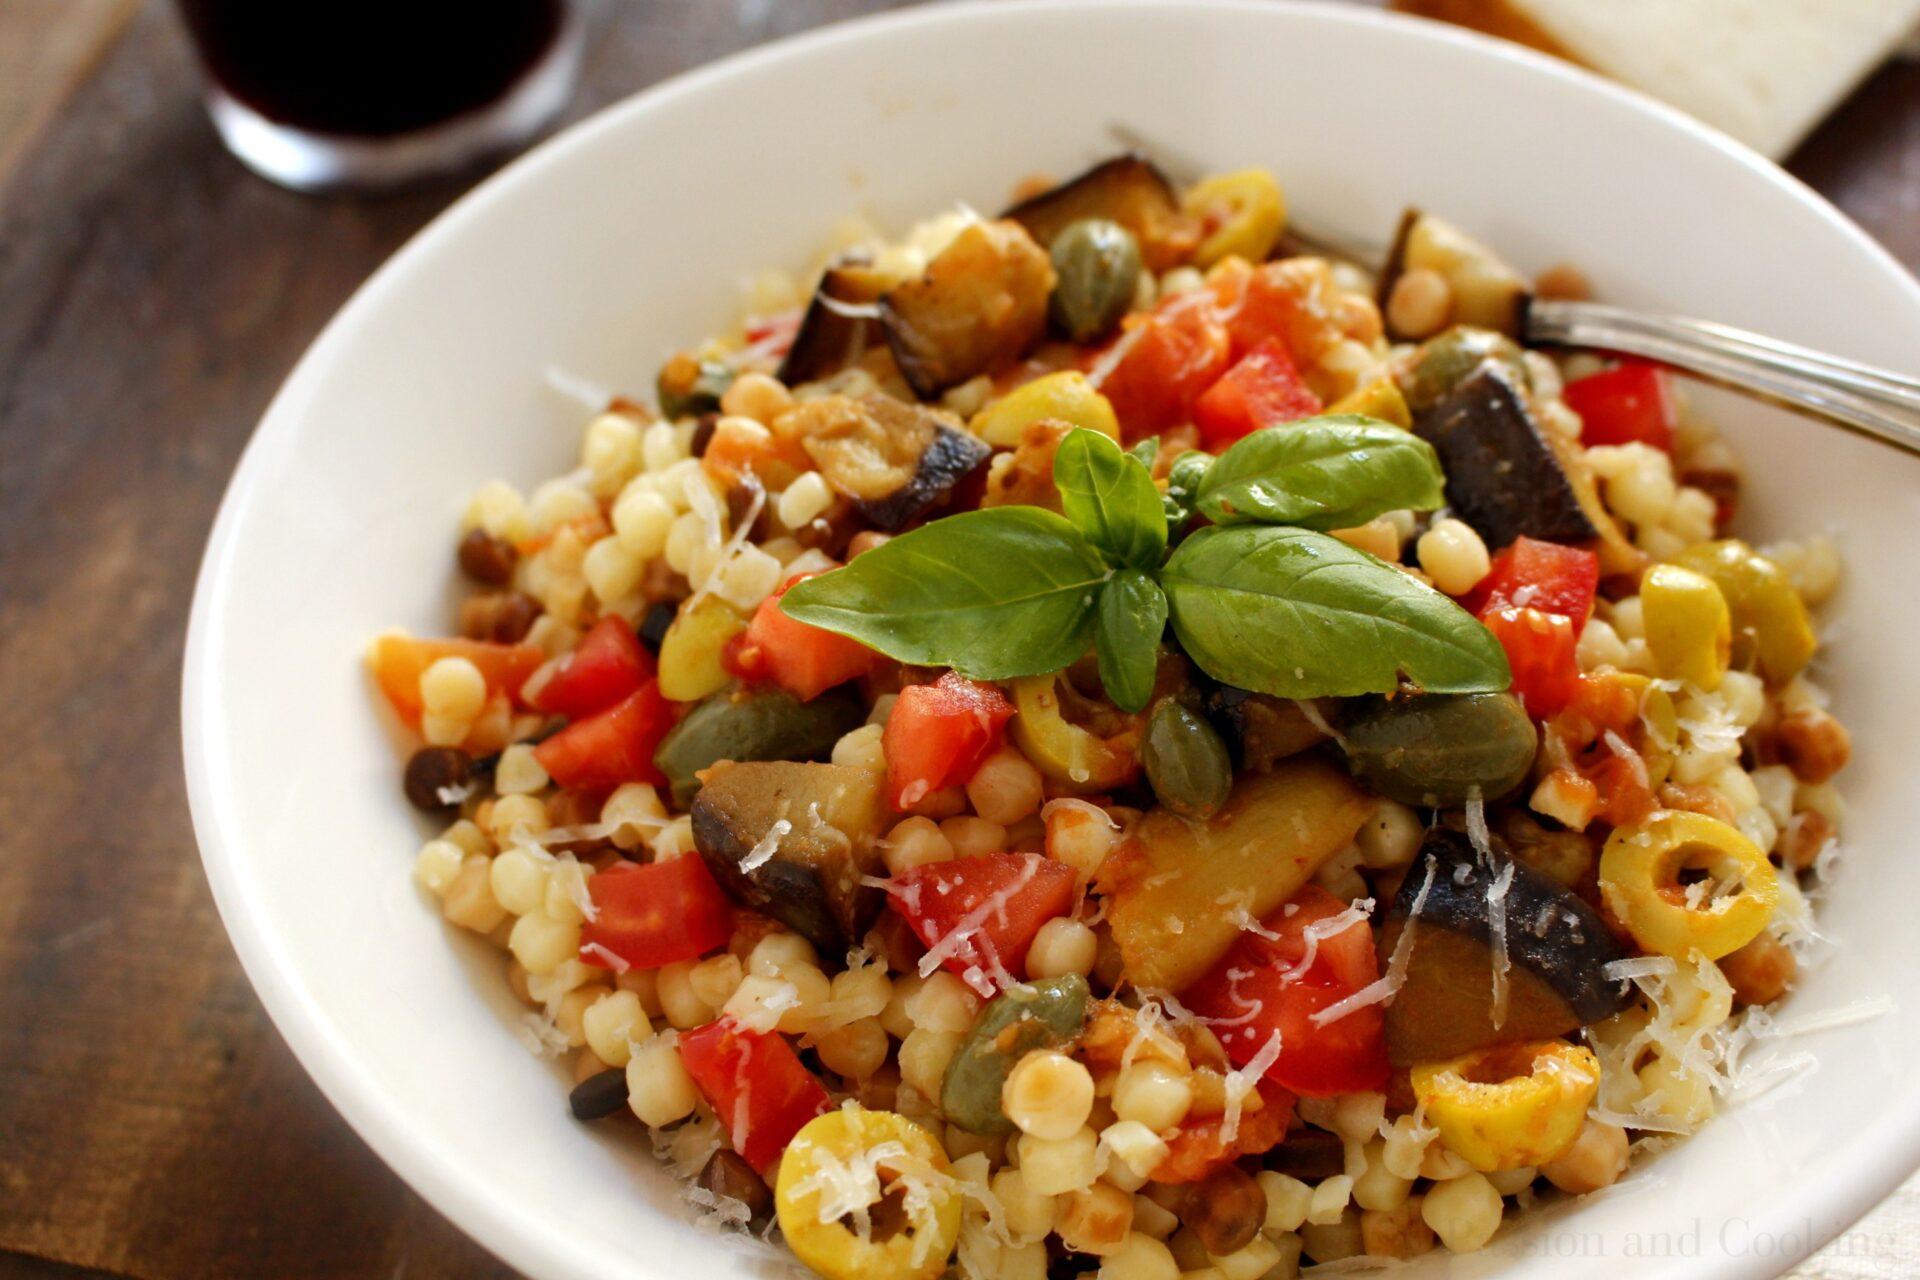 Fregola pasta with eggplant